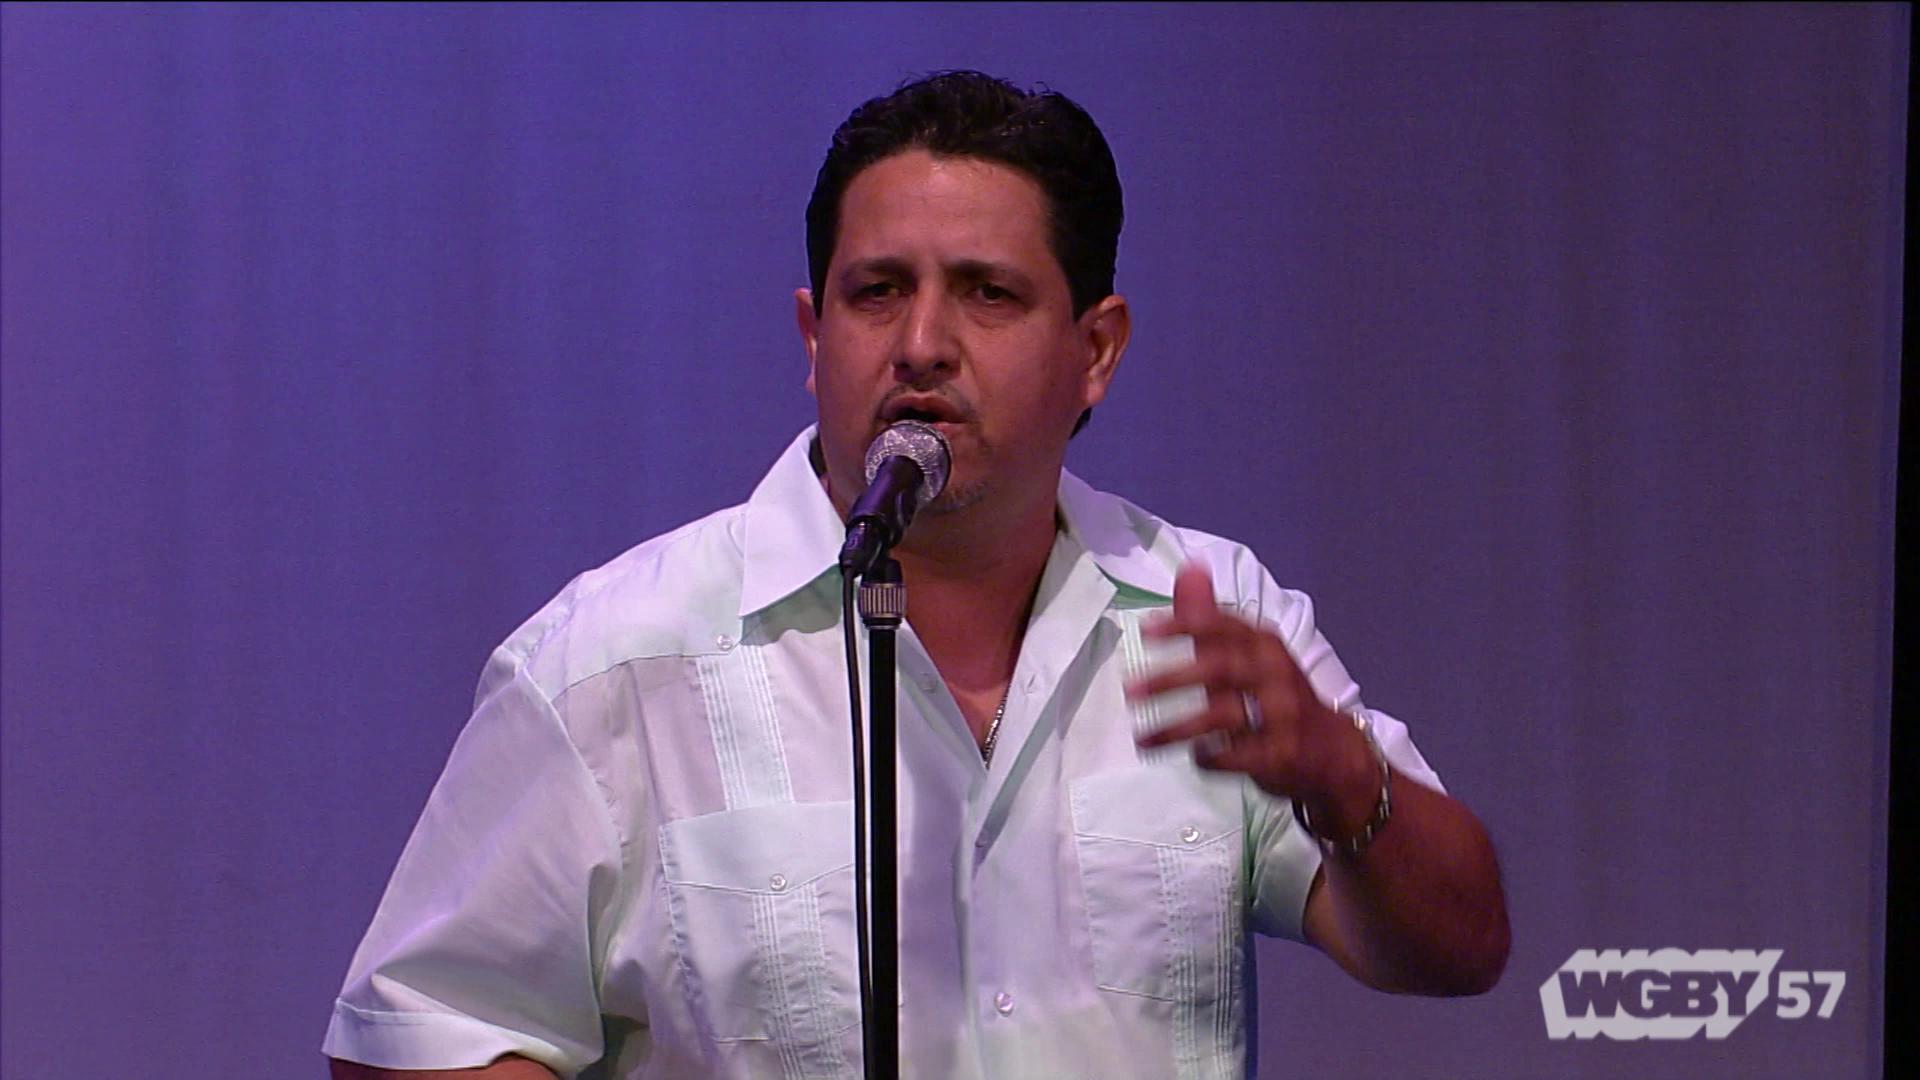 Jesus Pagan Sings 'Te Amo Tanto'